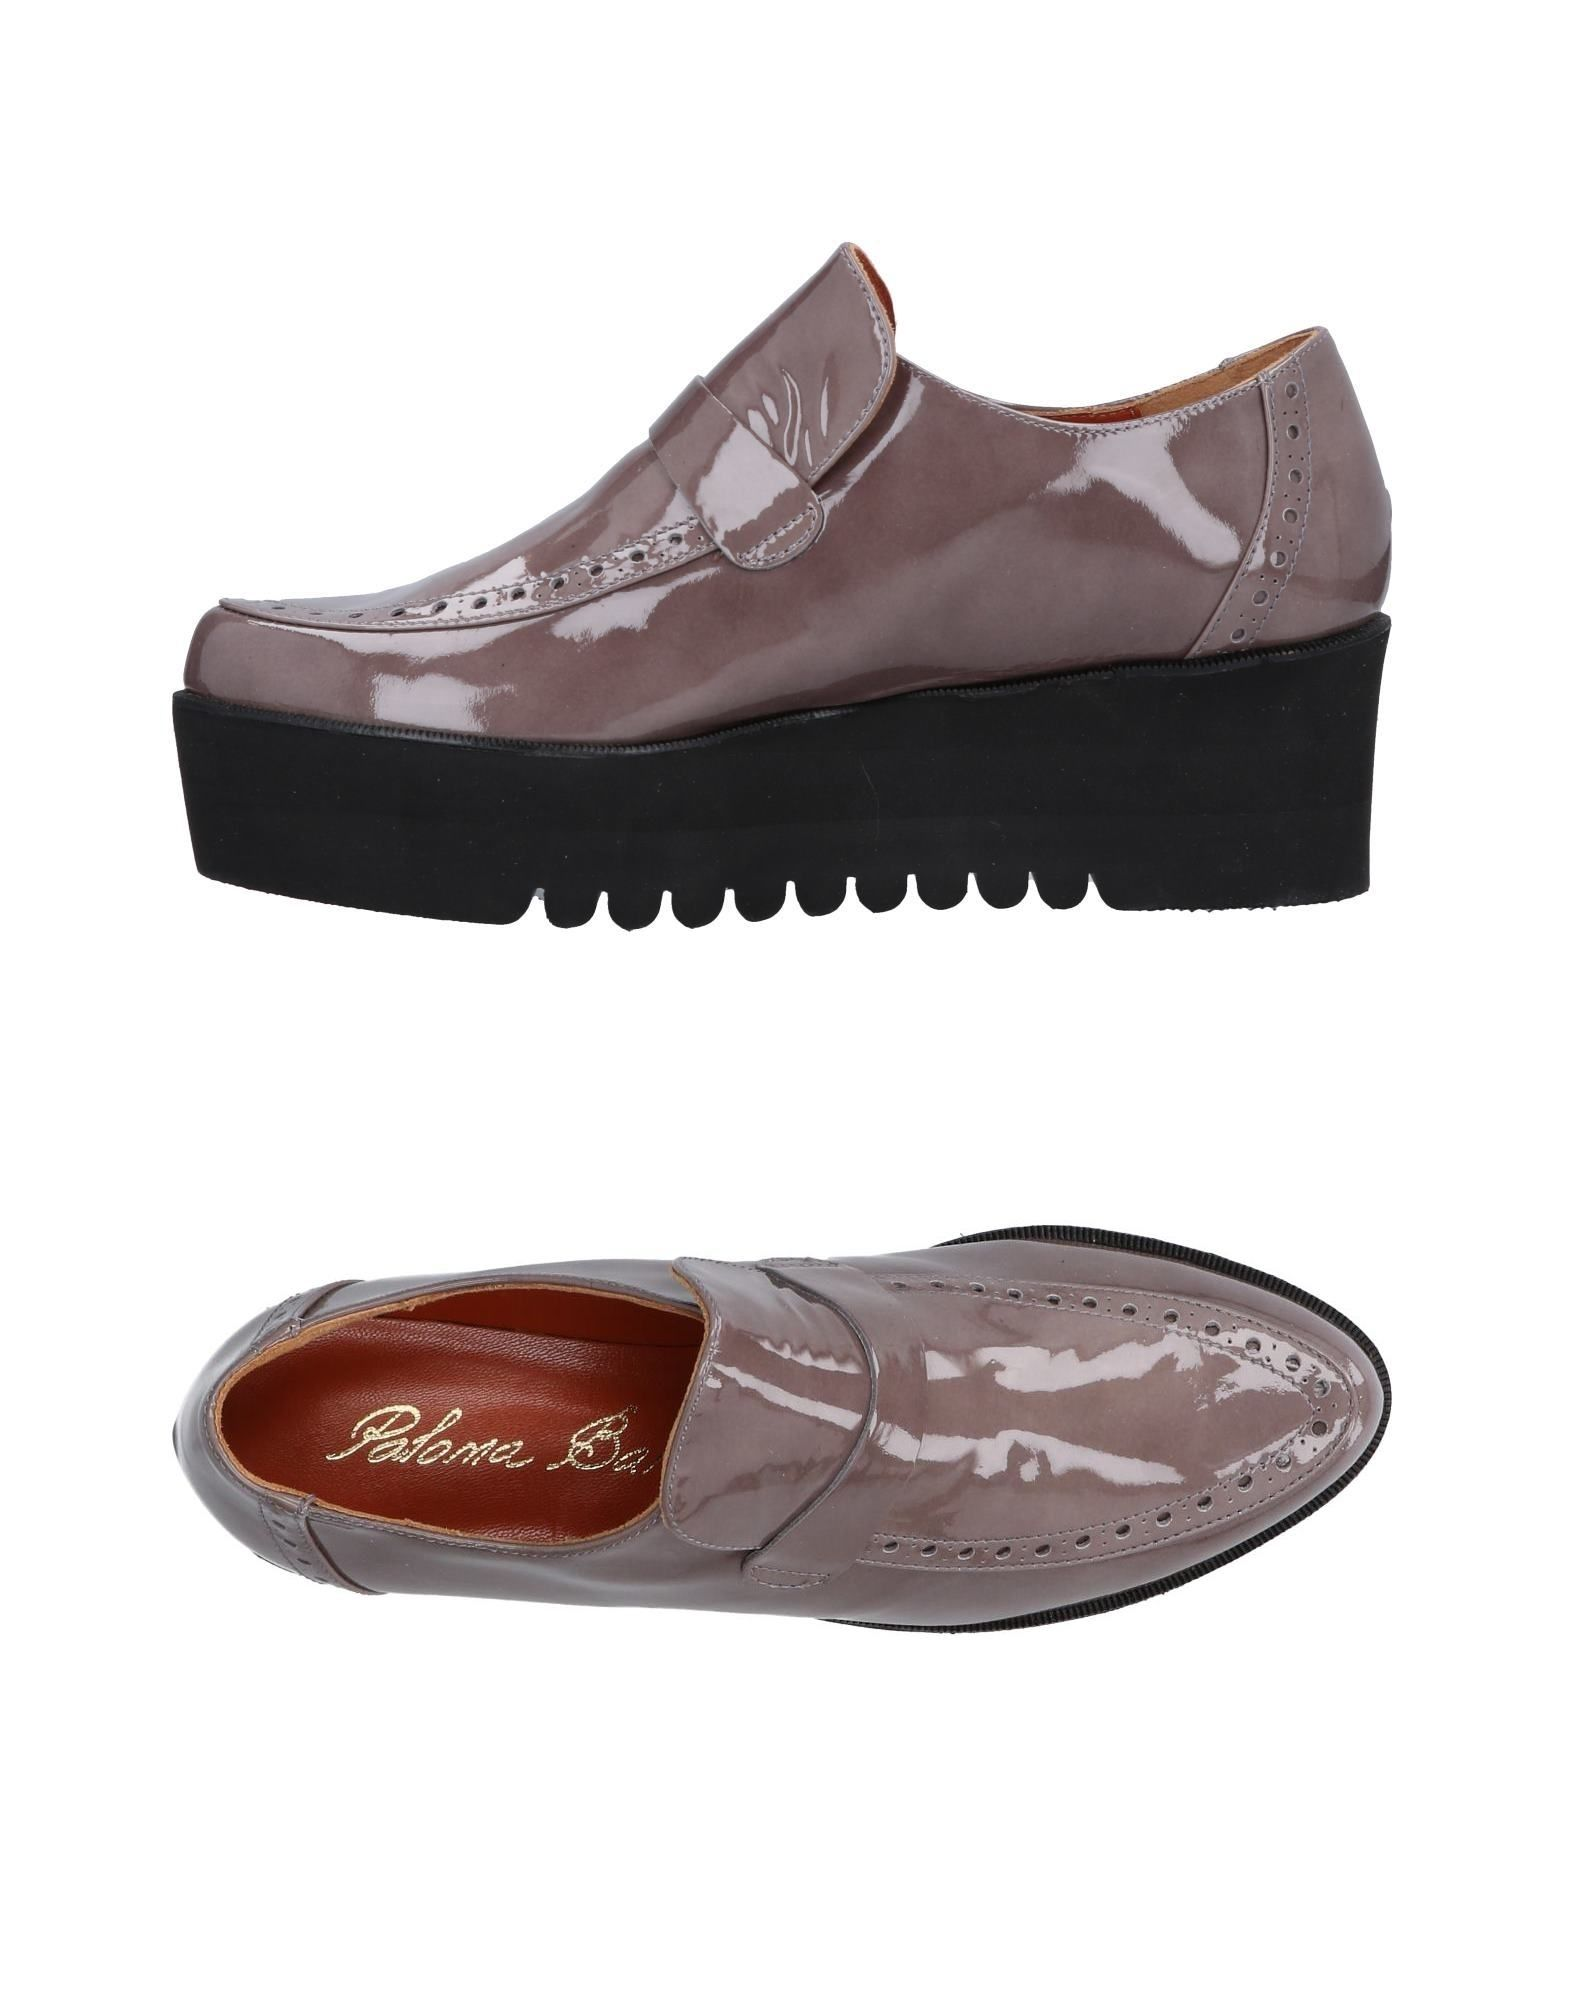 Gut um billige Schuhe Damen zu tragenPaloma Barceló Mokassins Damen Schuhe  11501165PP e98e58